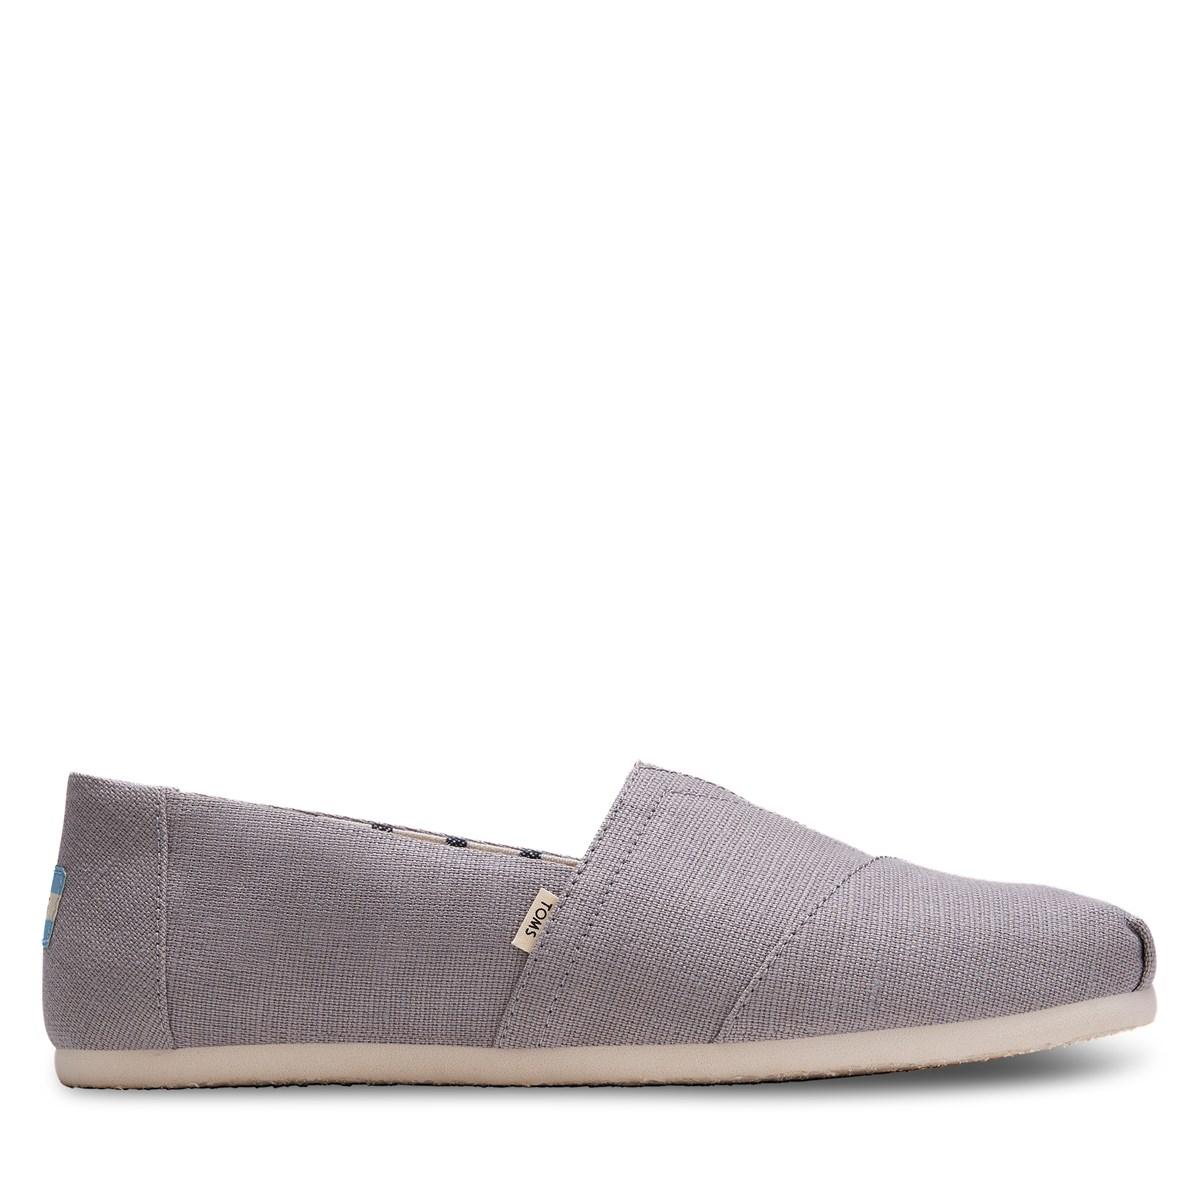 Men's Alpargata Slip-Ons in Grey